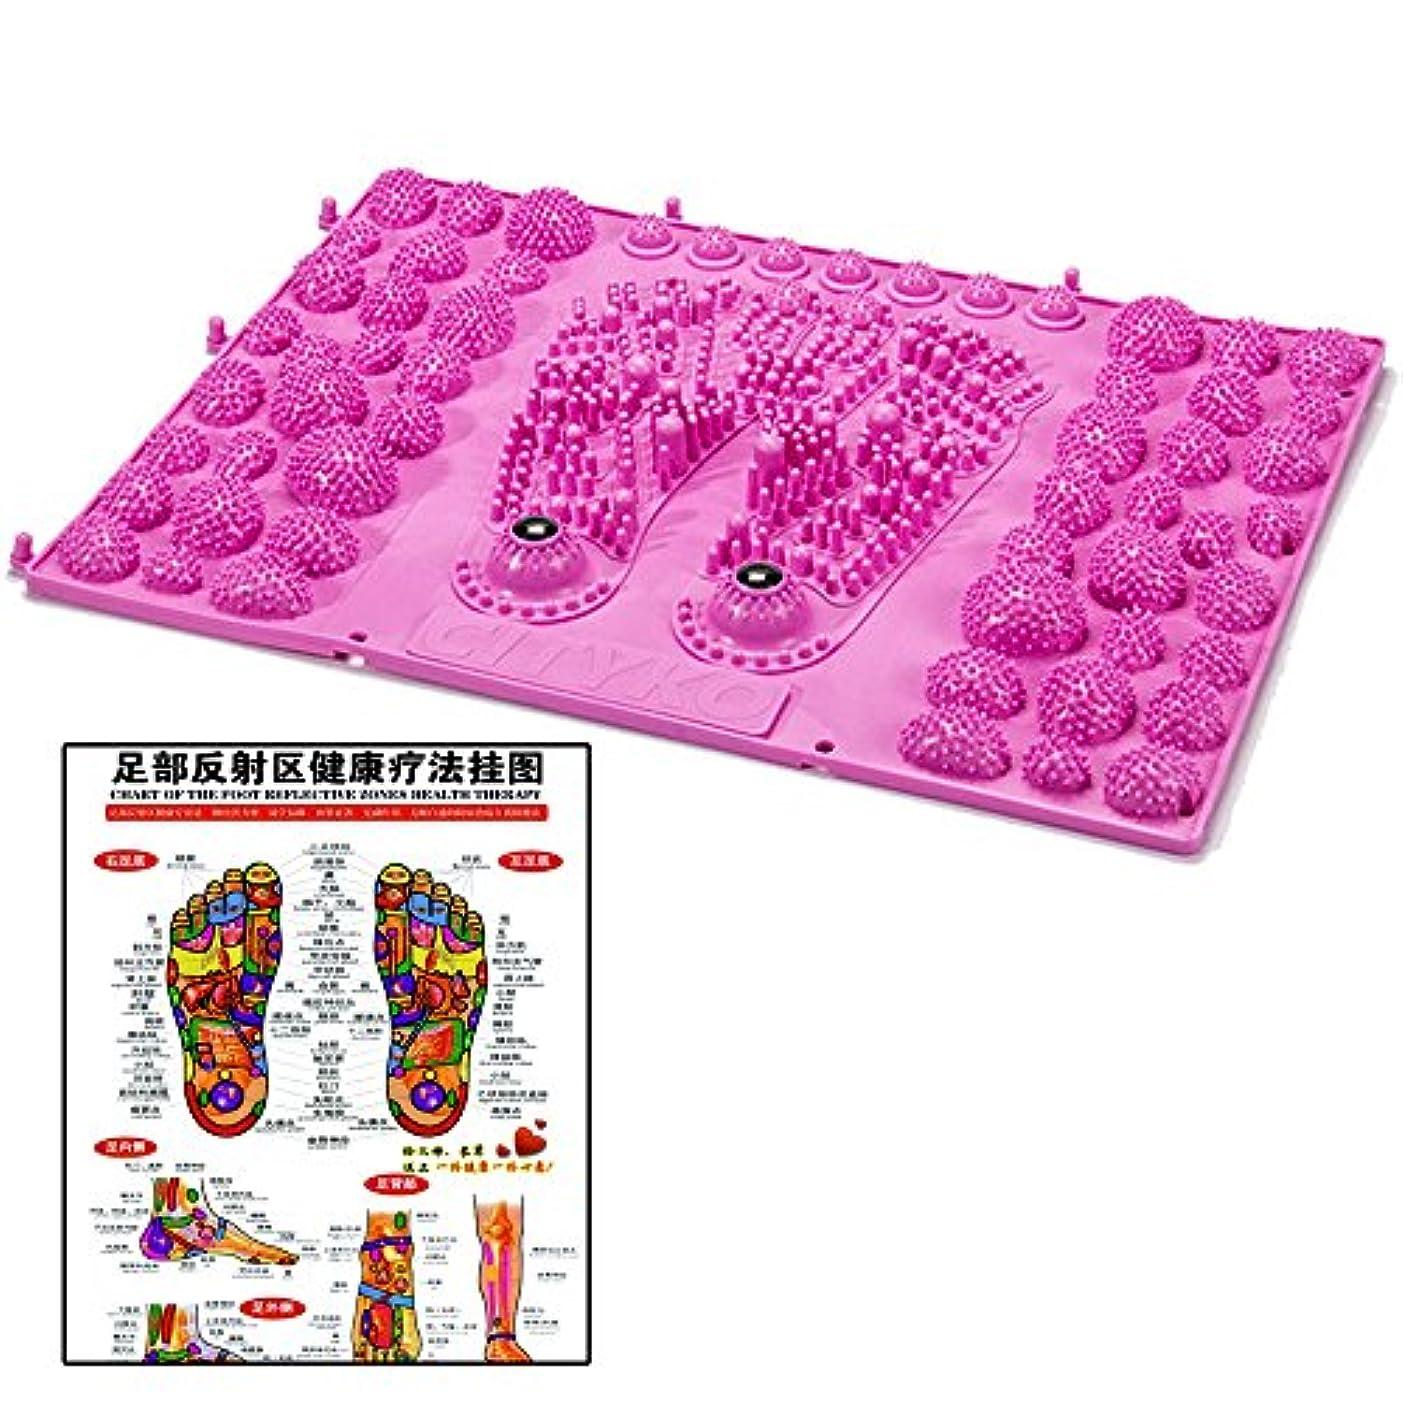 自治的自発不振(POMAIKAI) 足型 足ツボ 健康 マット ダイエット 足裏マッサージ 反射区 マップ セット (ピンク)